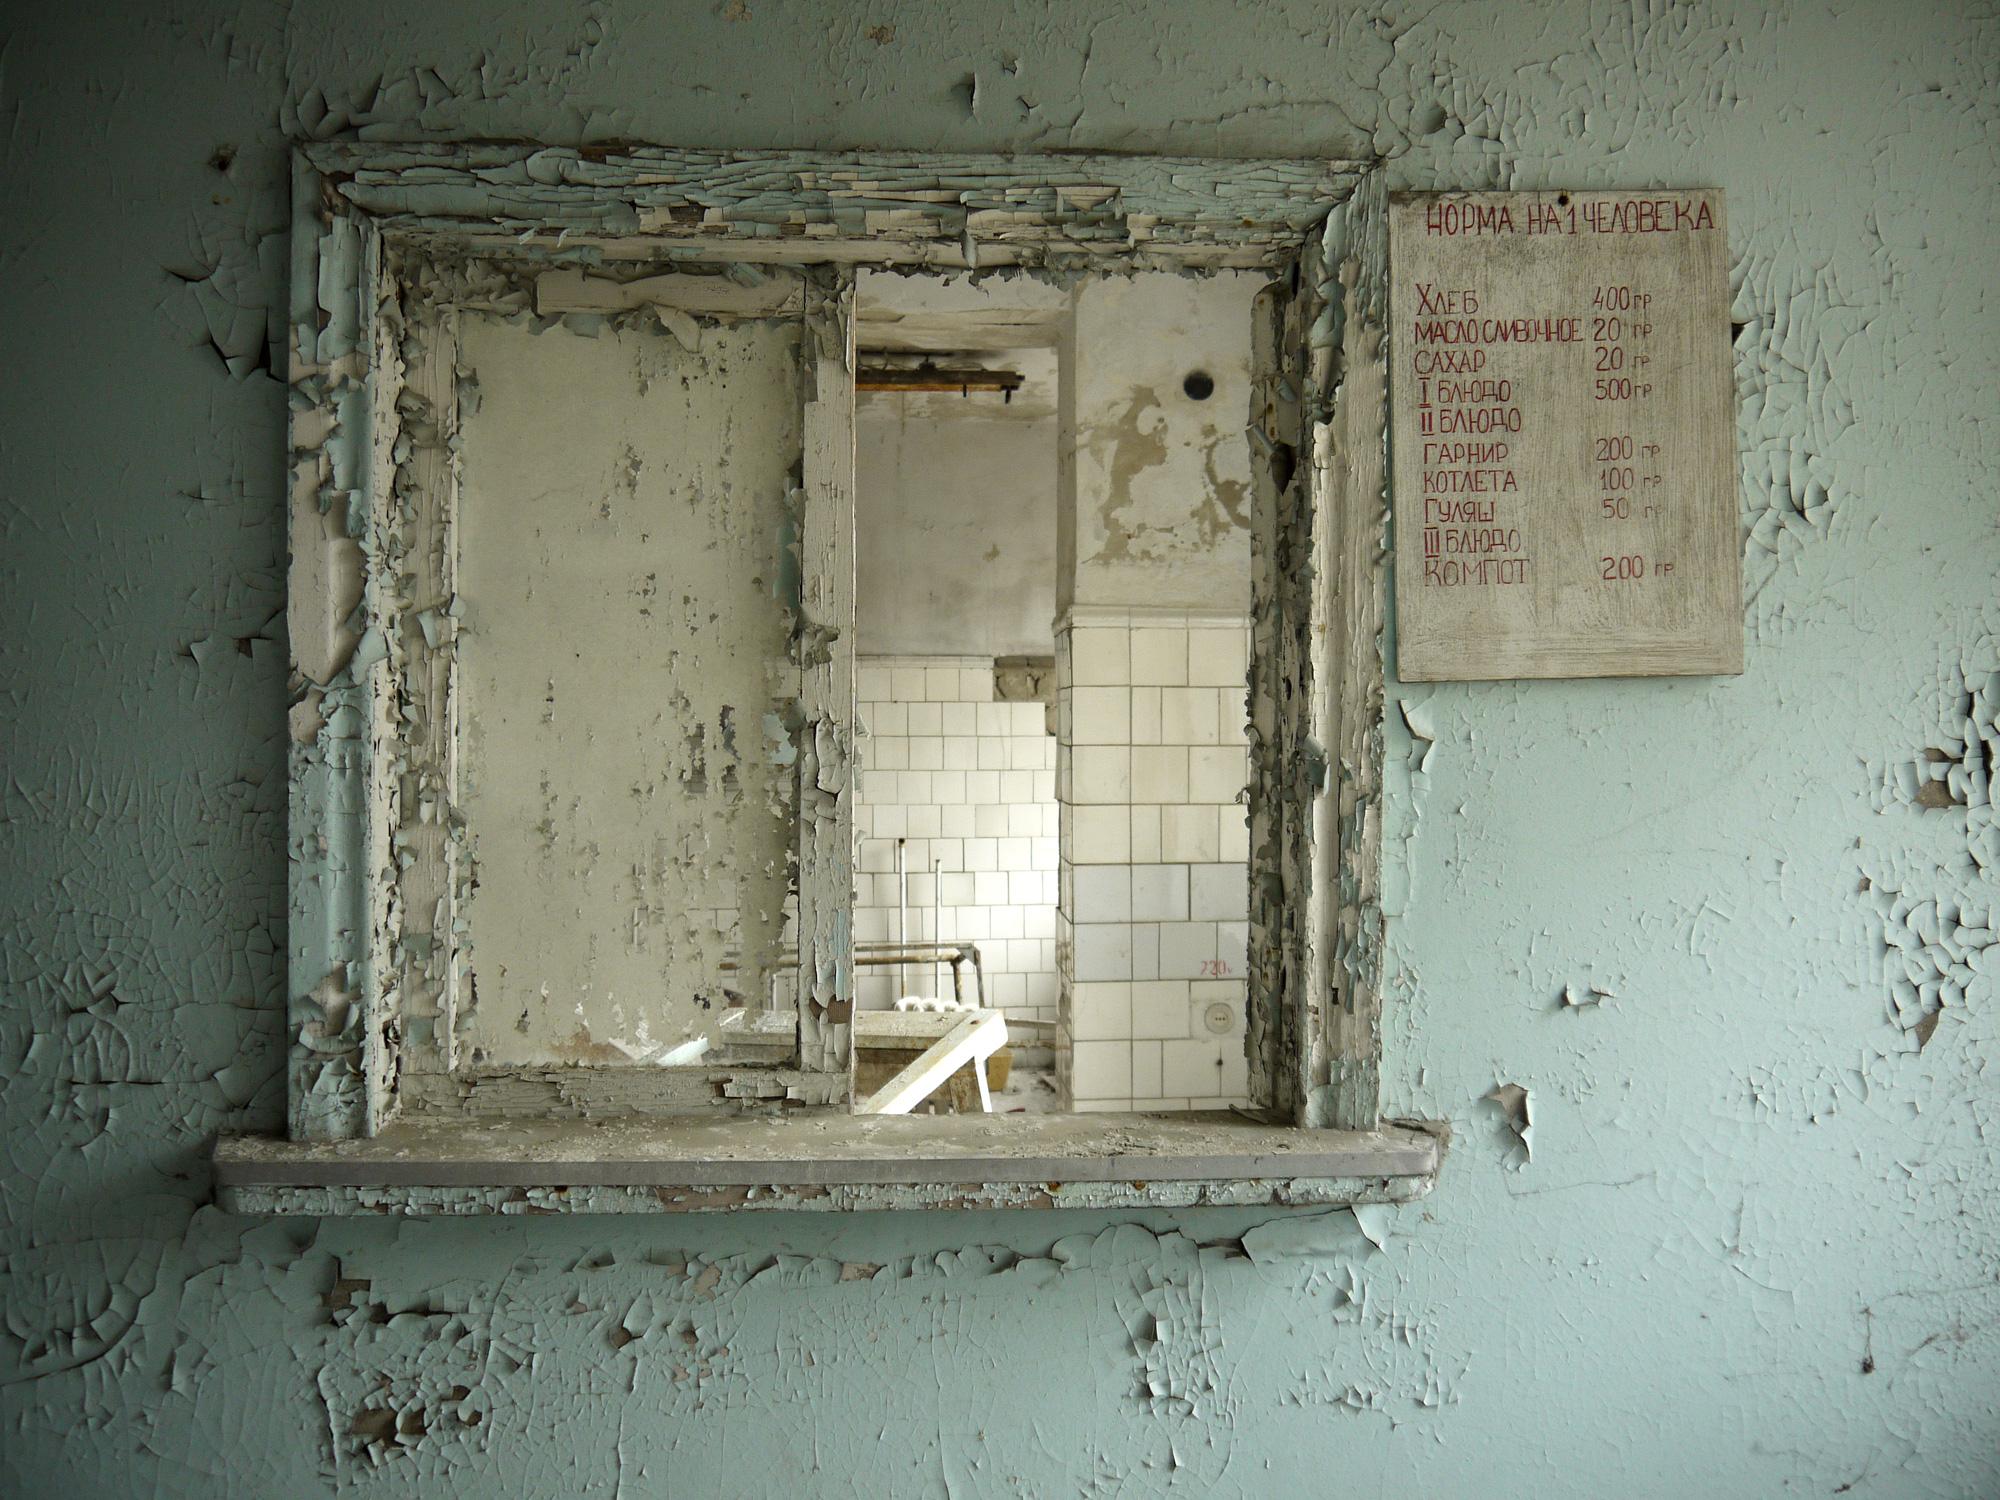 chernobyl-52